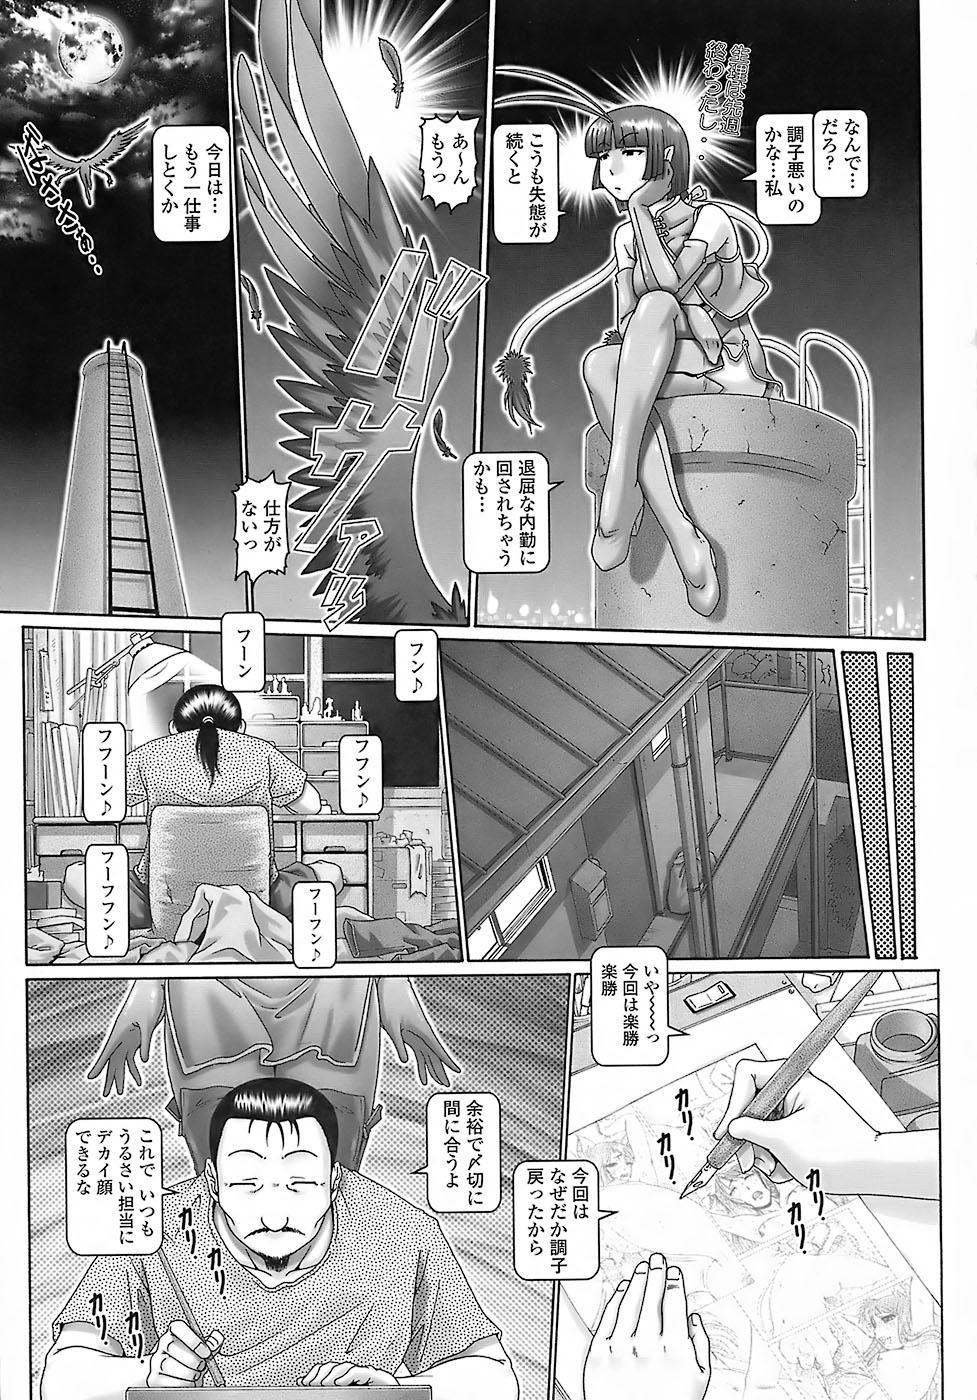 Tenshi no Shizuku 51